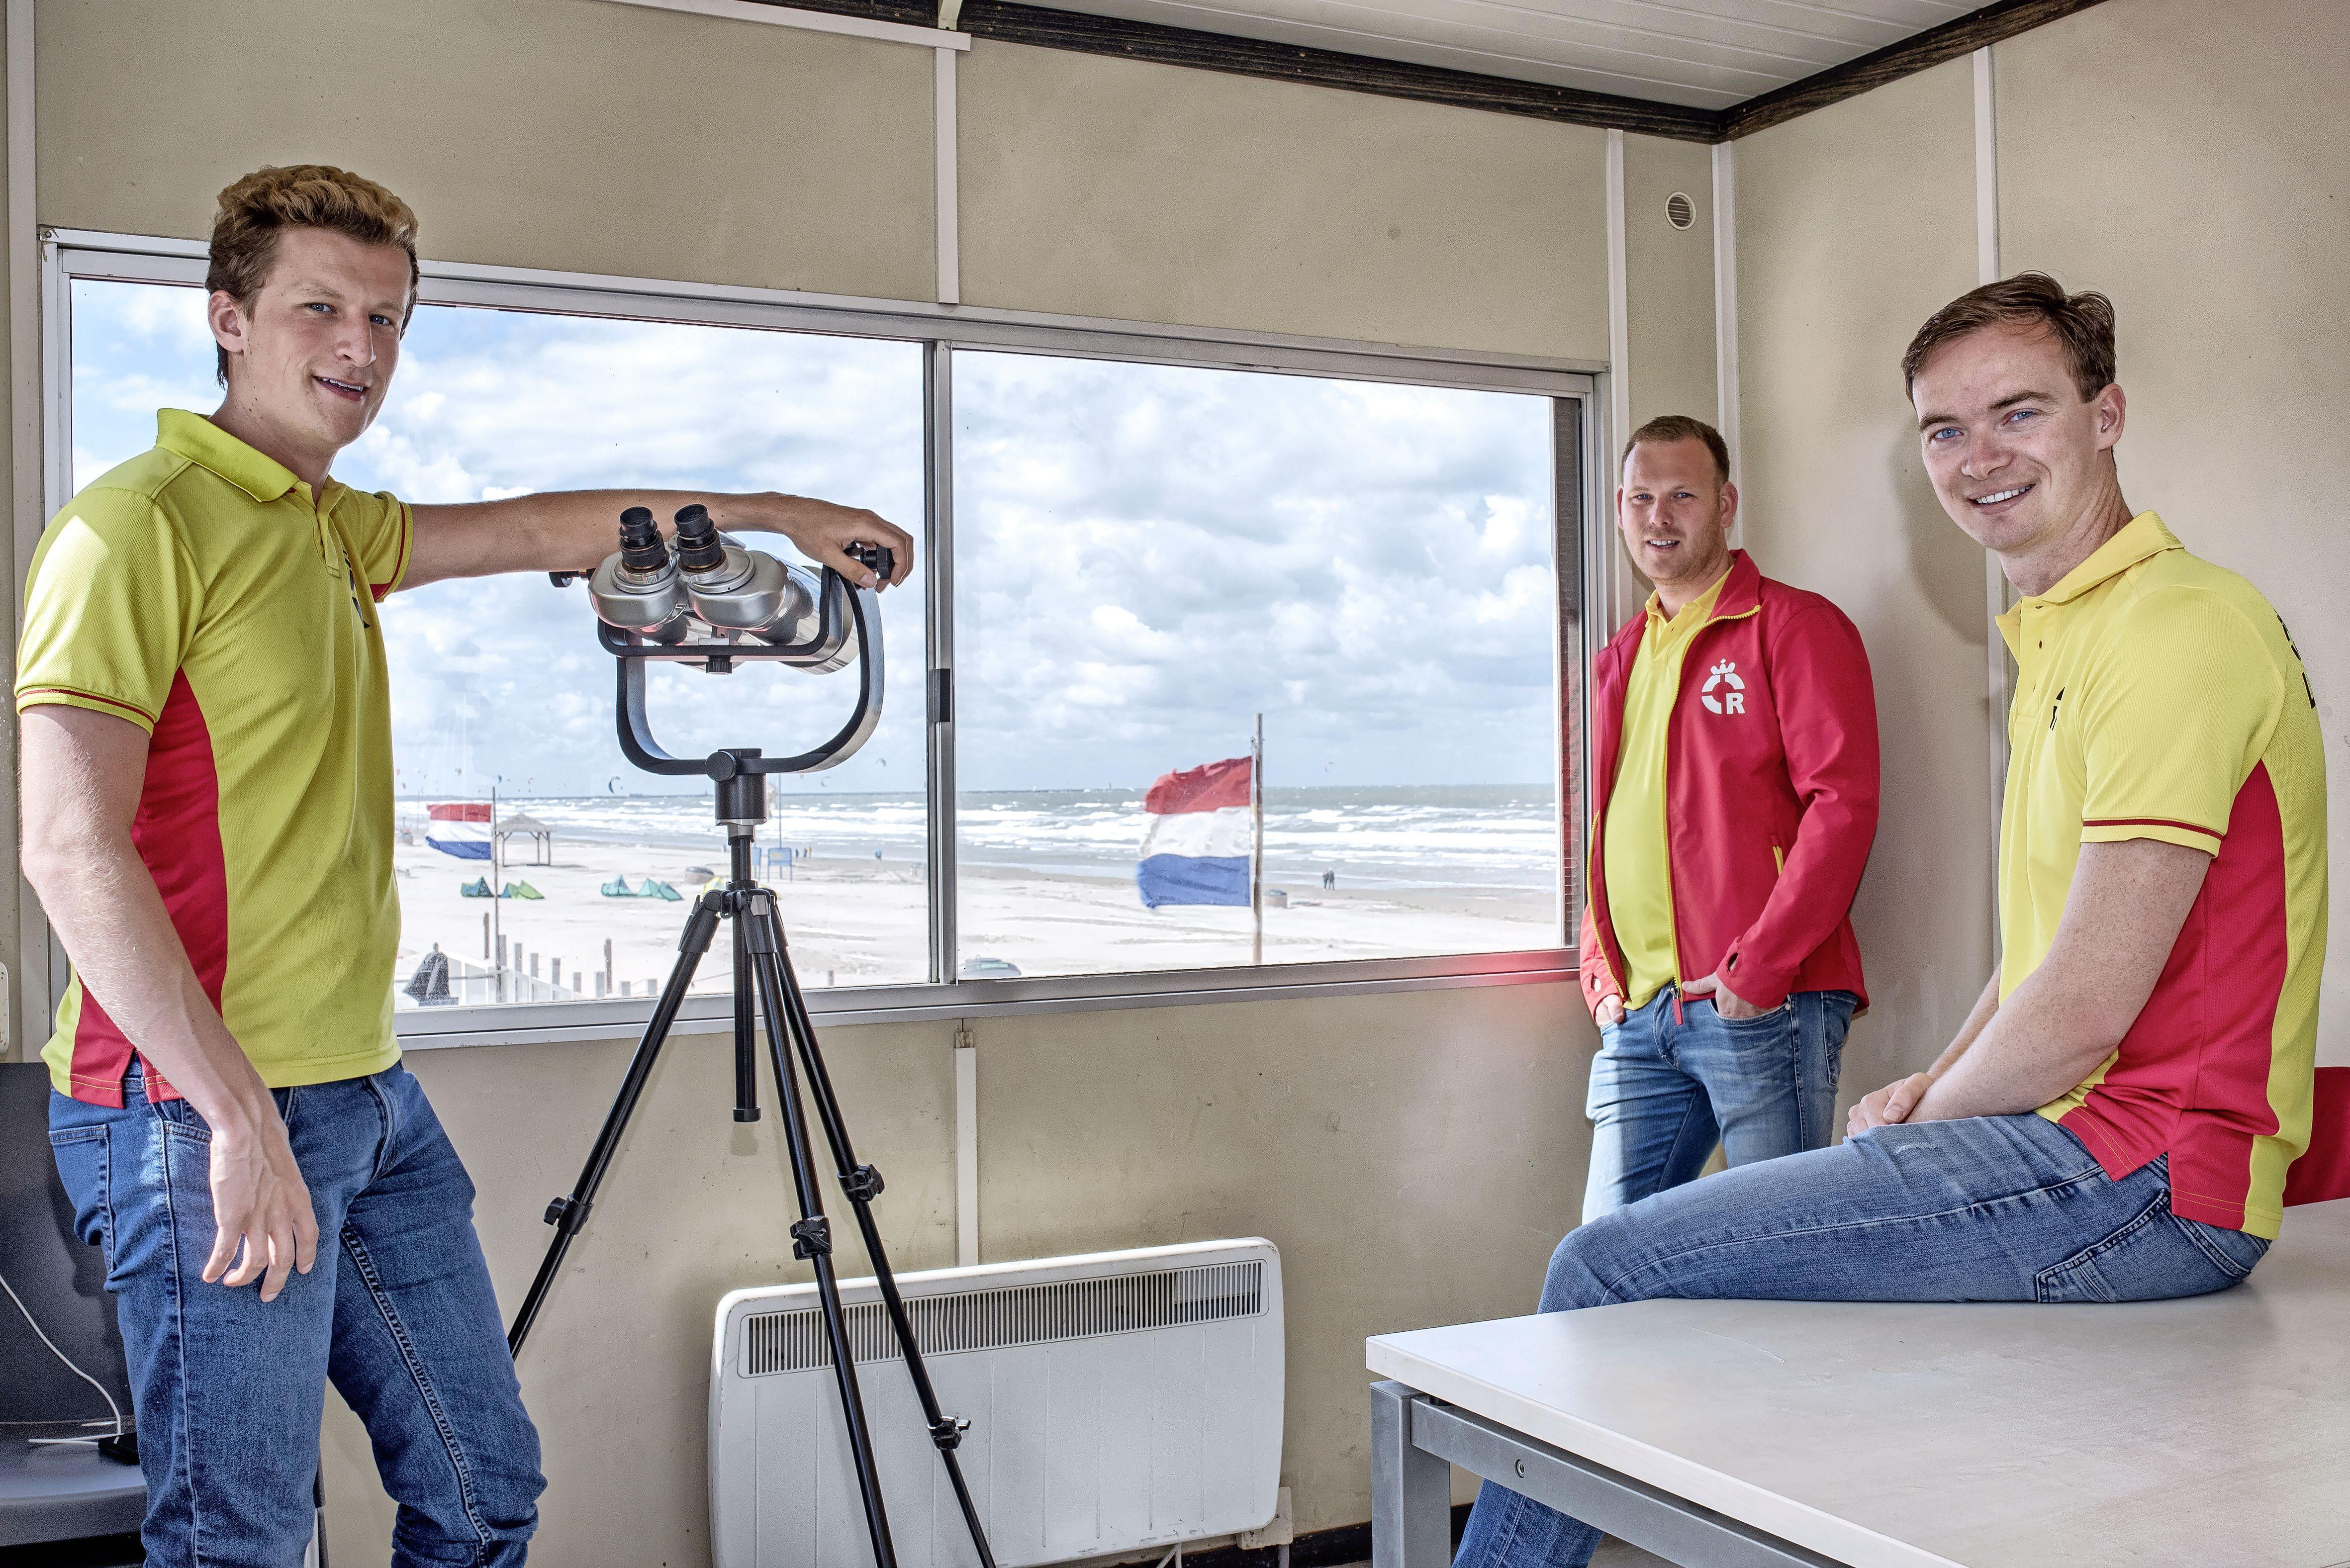 Reddingbrigade Wijk aan Zee is weer op post in de weekeinden en op feestdagen. In de zomervakantie zijn de lifeguards er iedere dag. 'We rekenen op een mooi, druk én veilig strandseizoen'